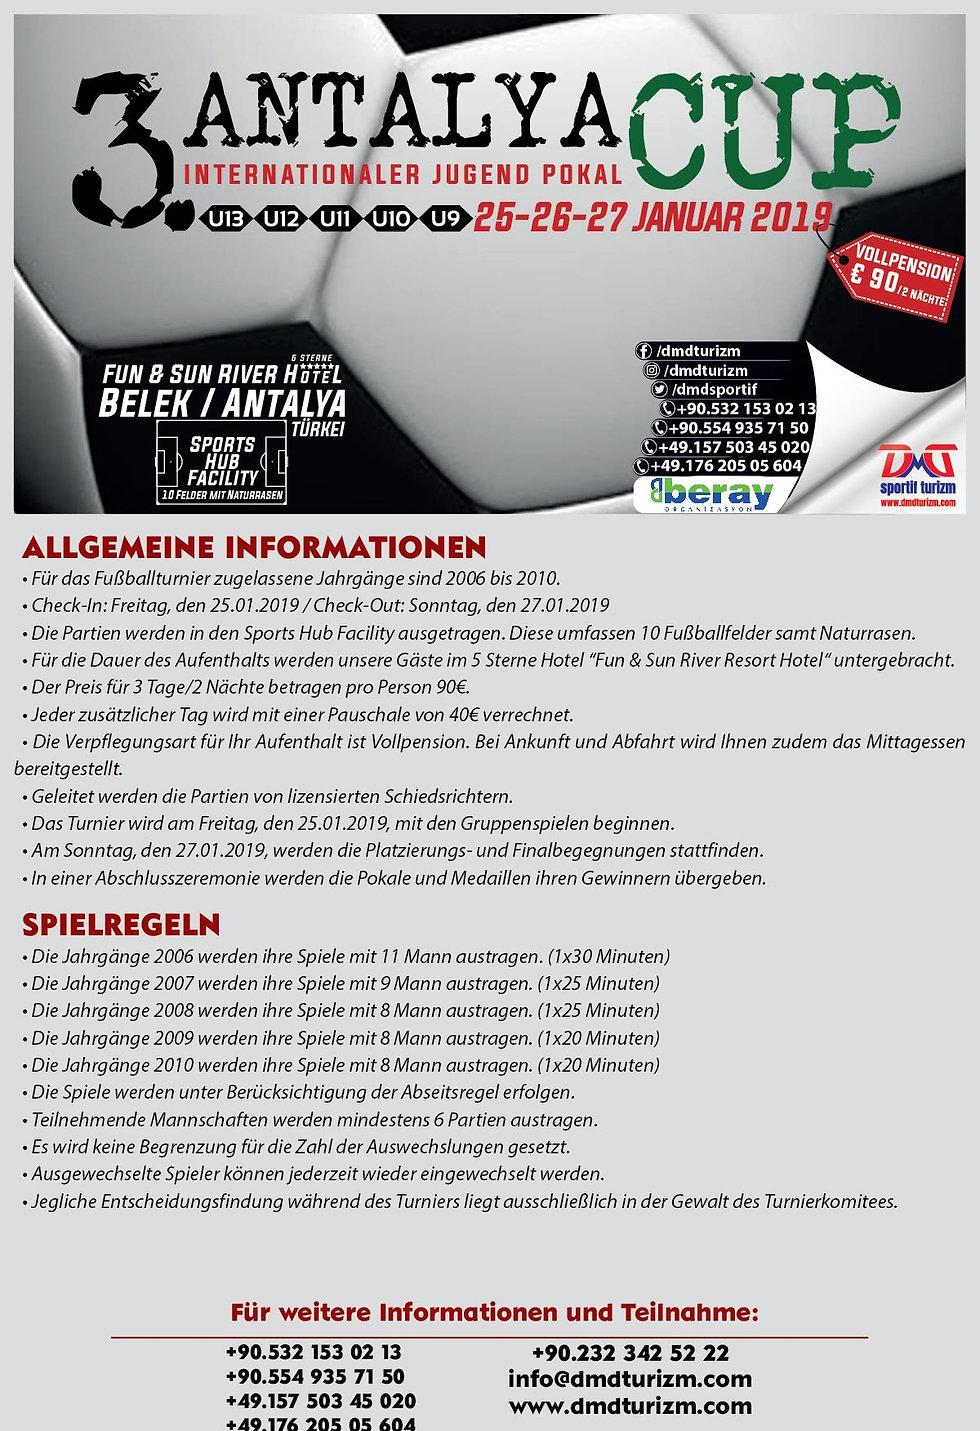 antalya-cup-3-de-web3.jpg